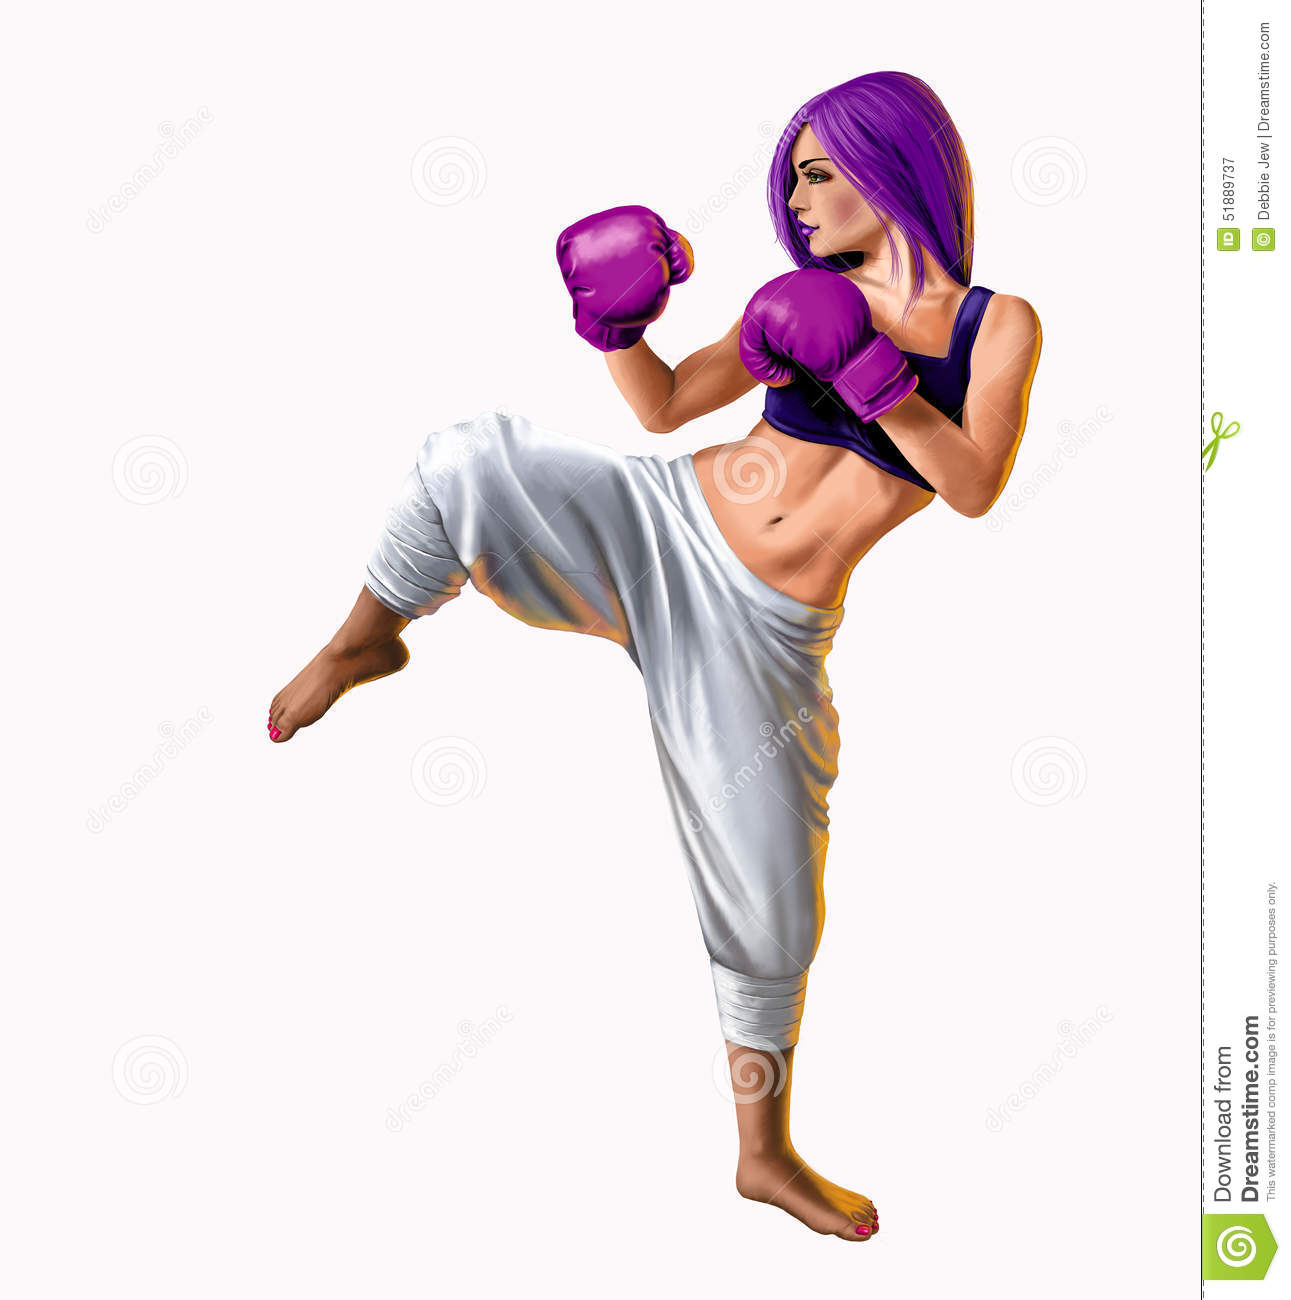 Woman Kickbox Clipart.